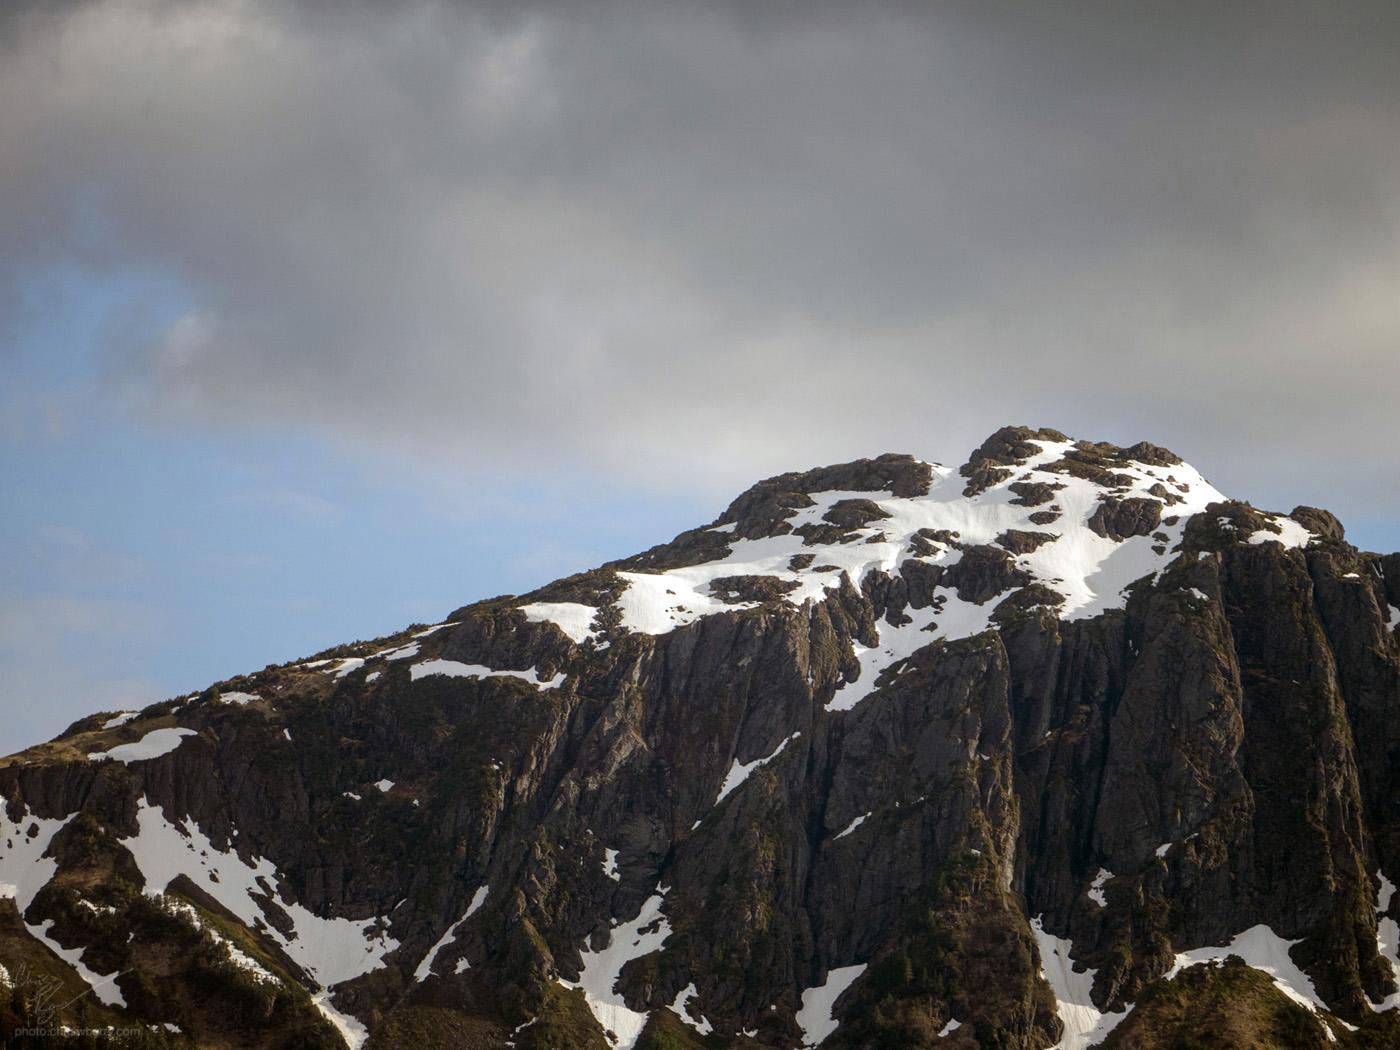 6-03-18: Mountaintop